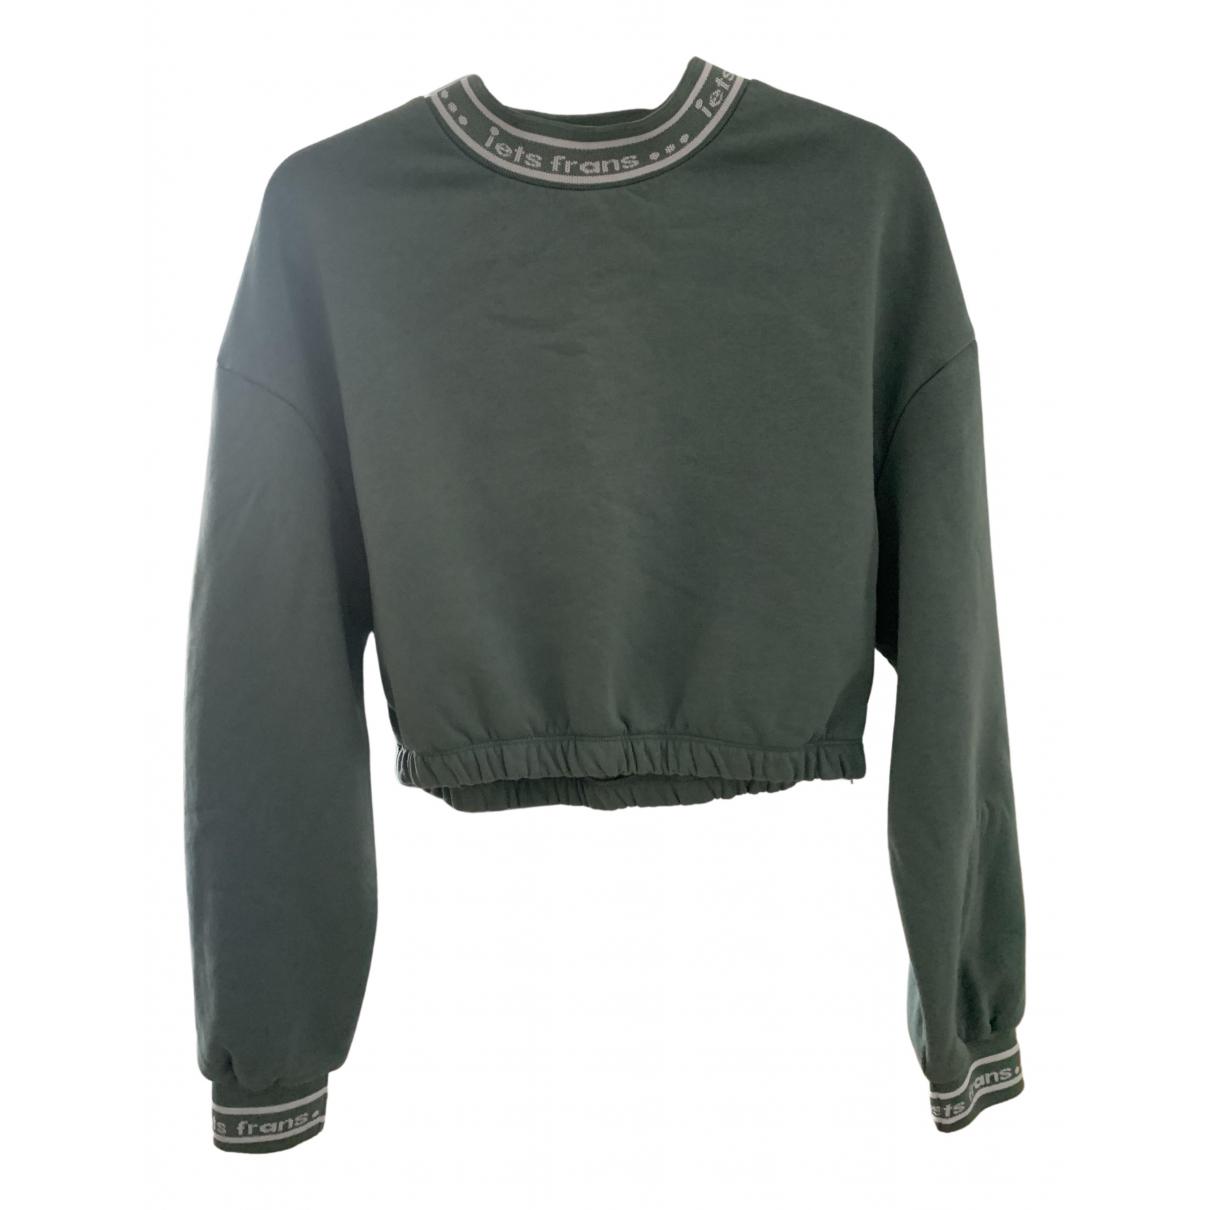 Urban Outfitters - Top   pour femme en coton - bleu